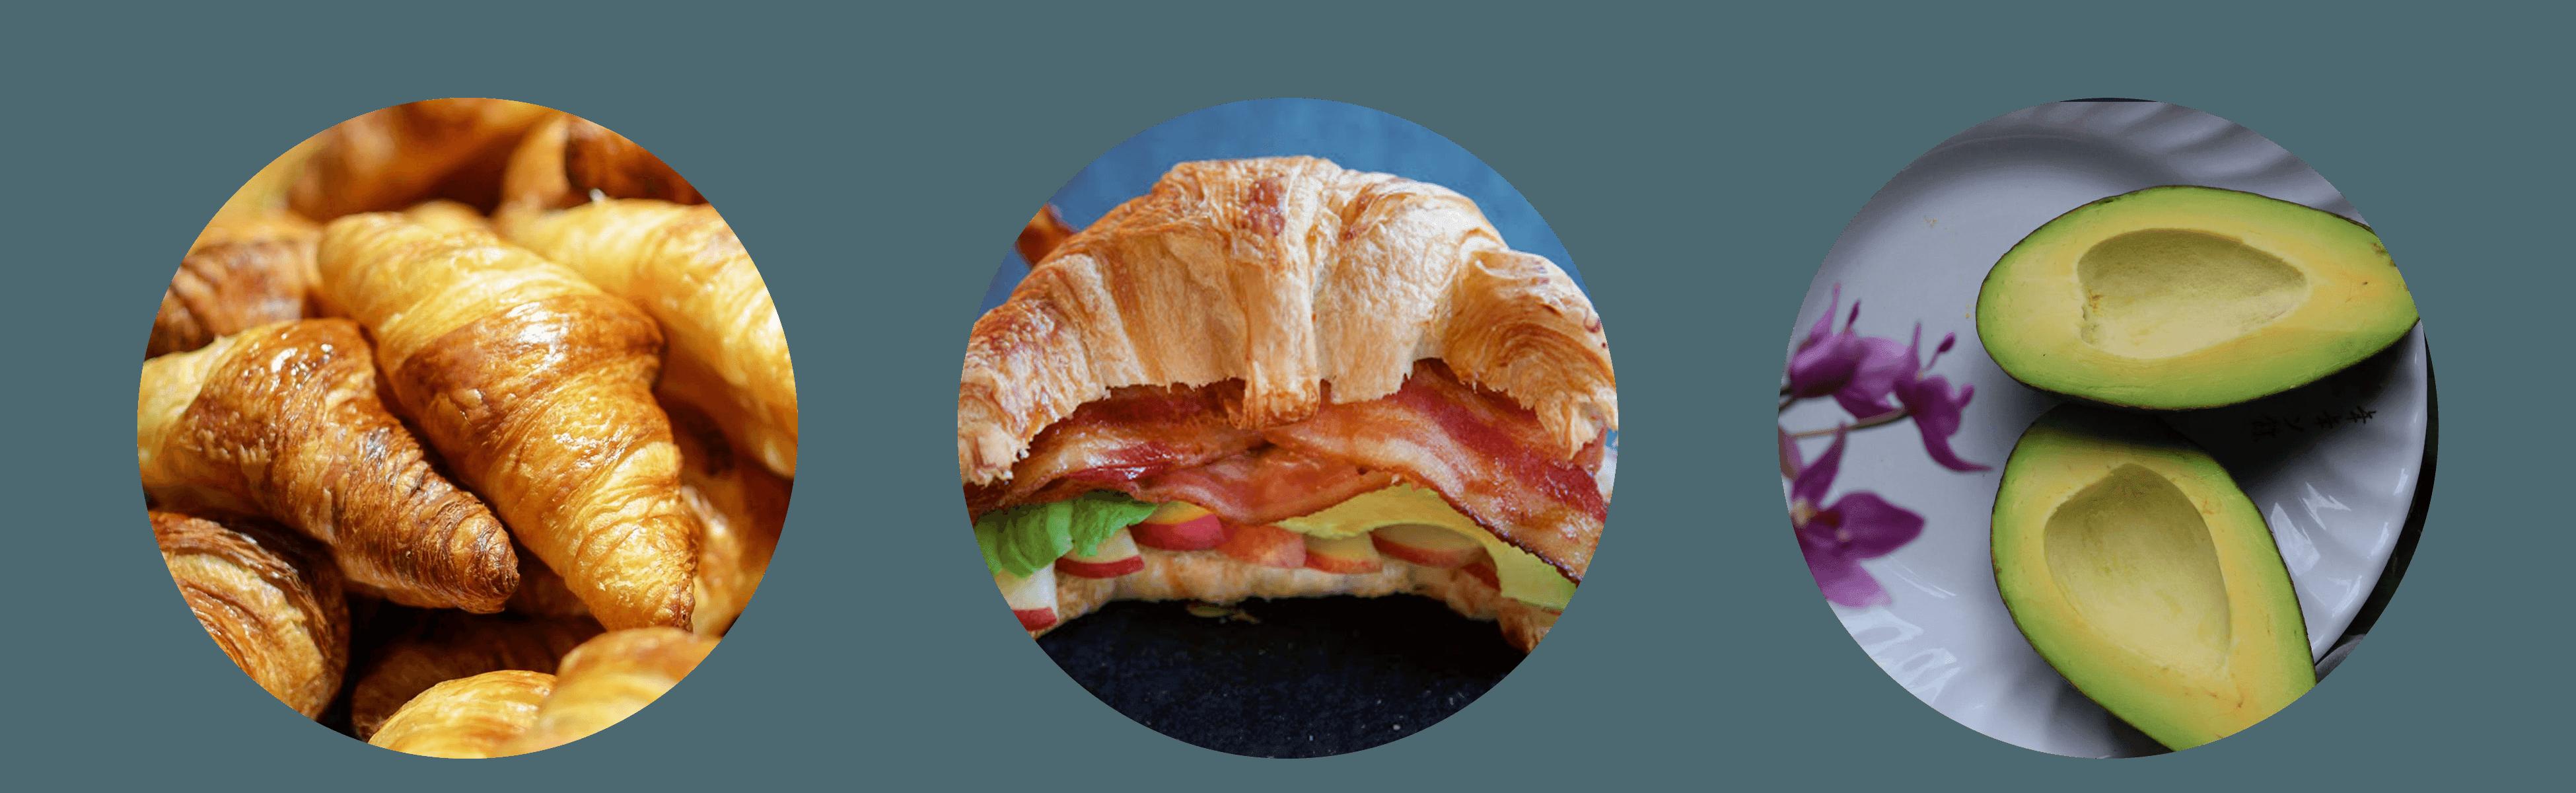 Avocado and Bacon Croissants